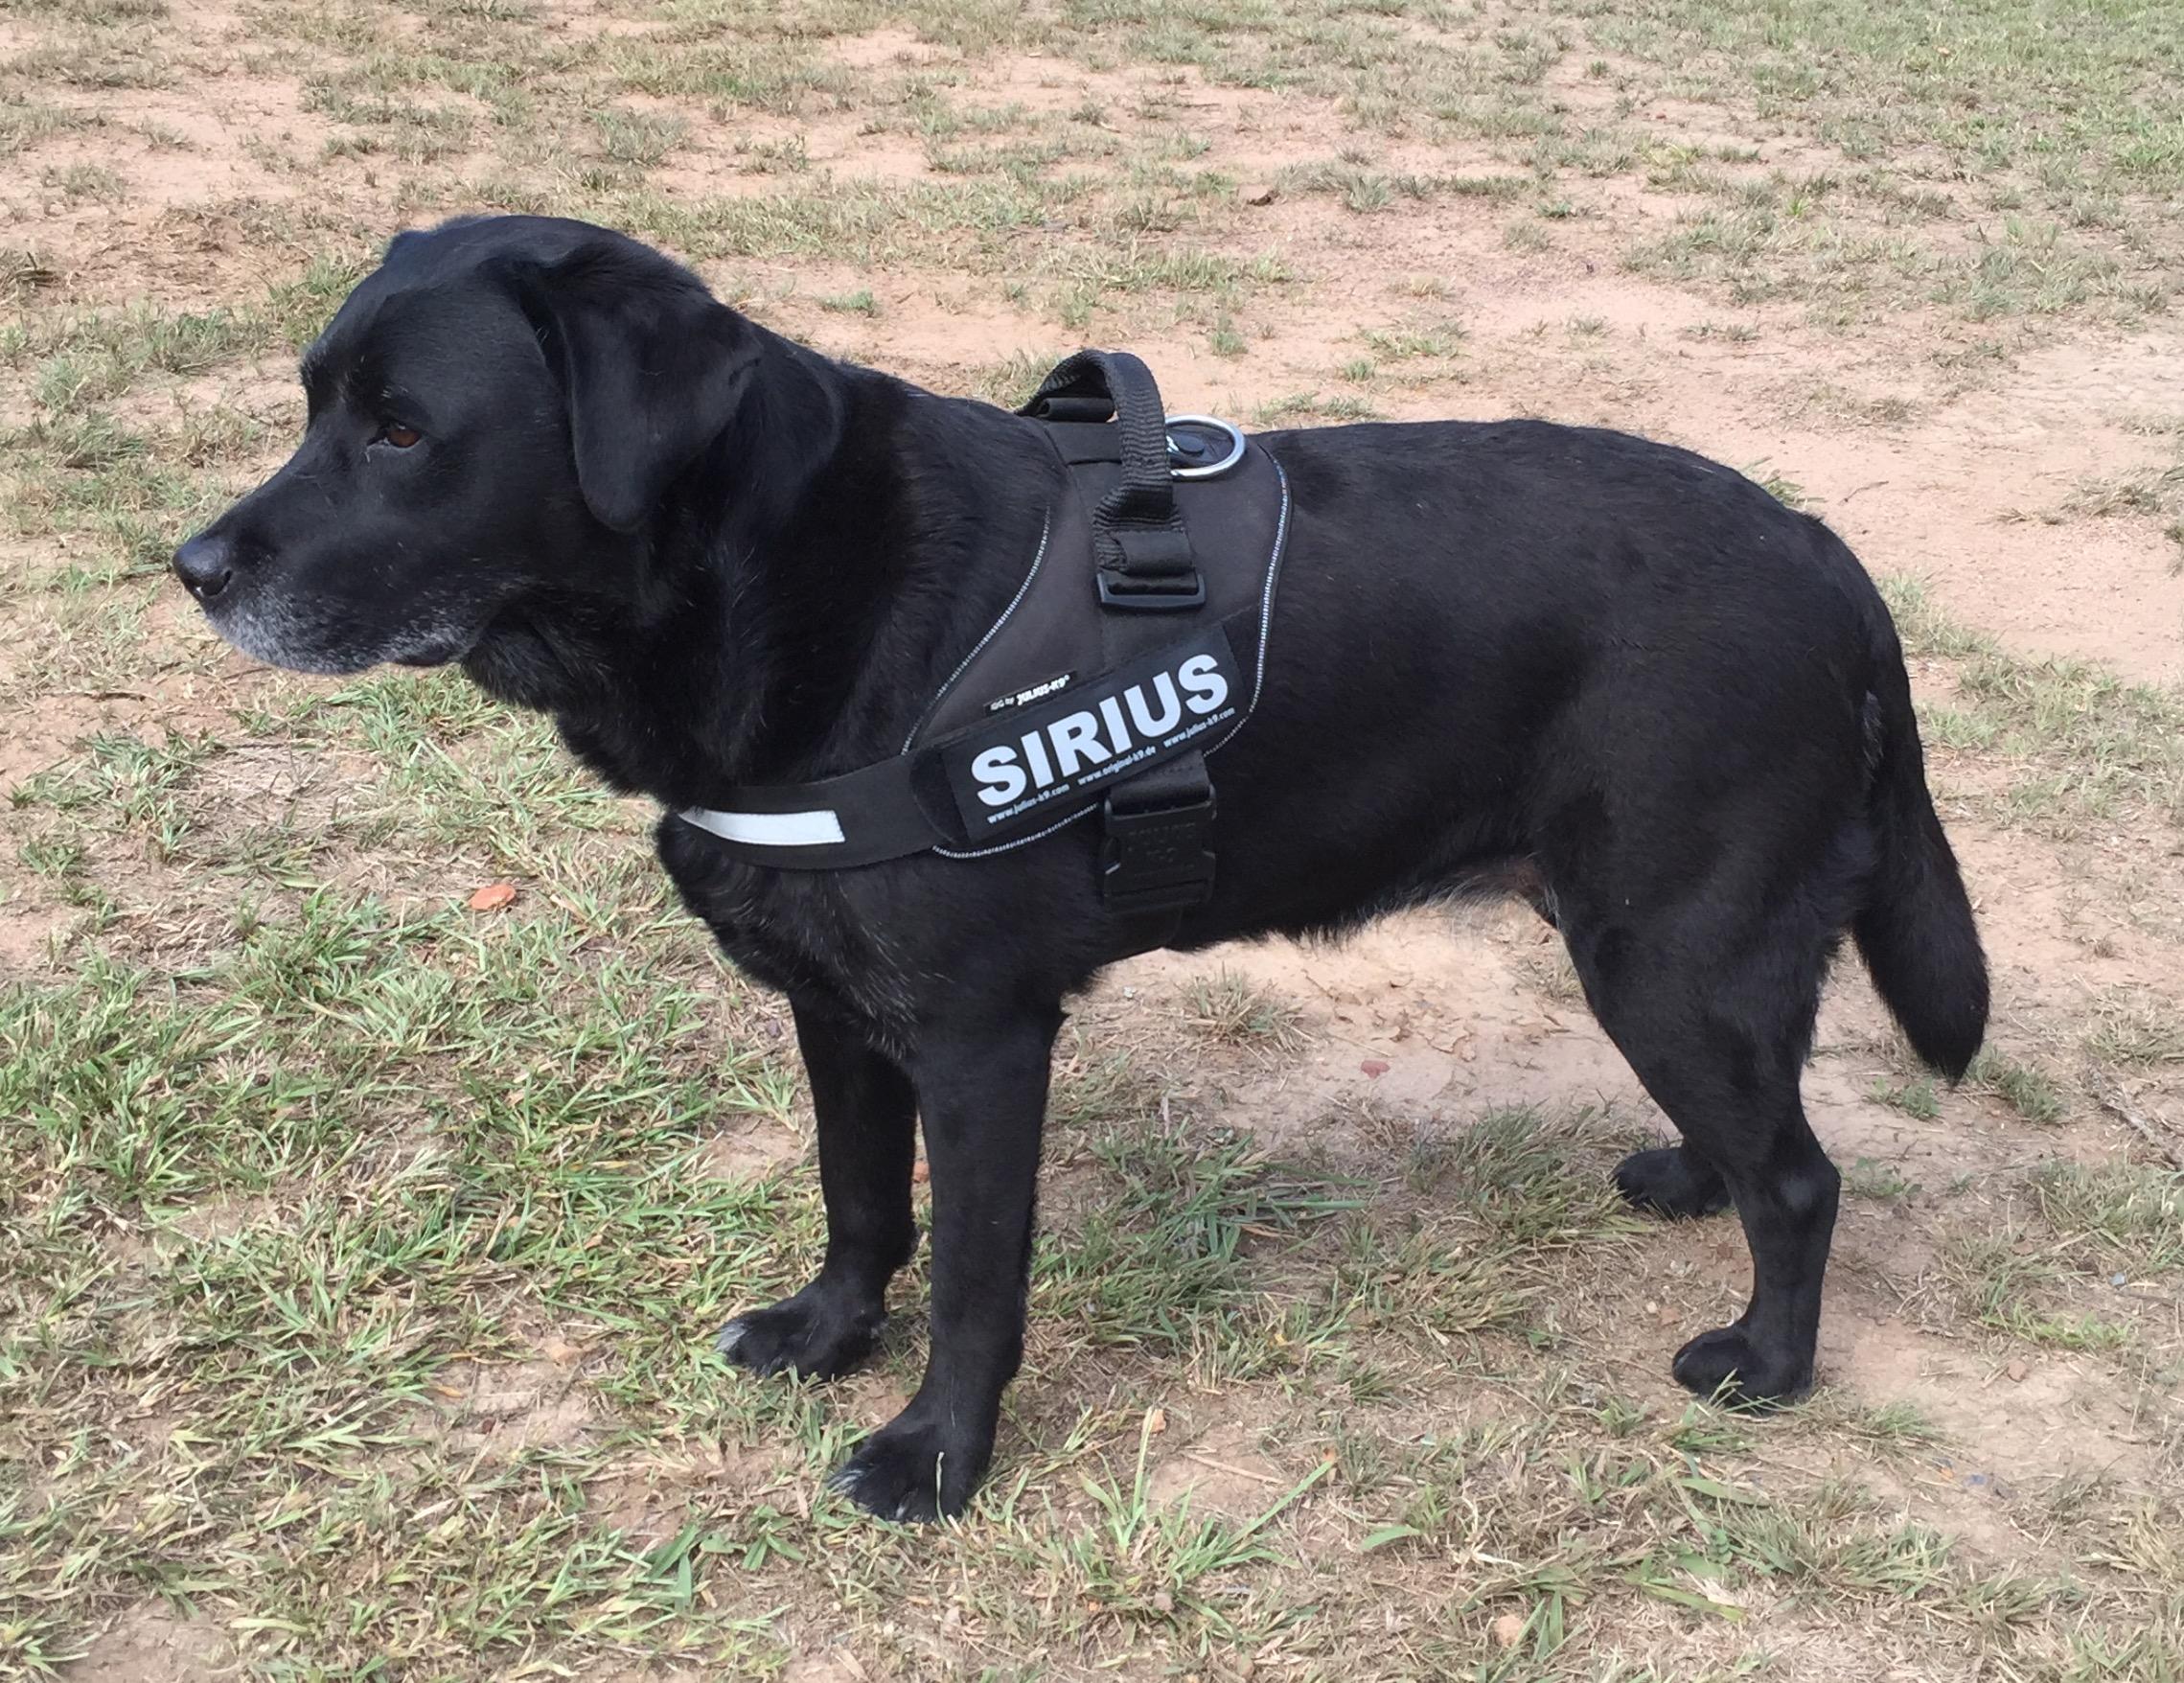 Sirius in uniform